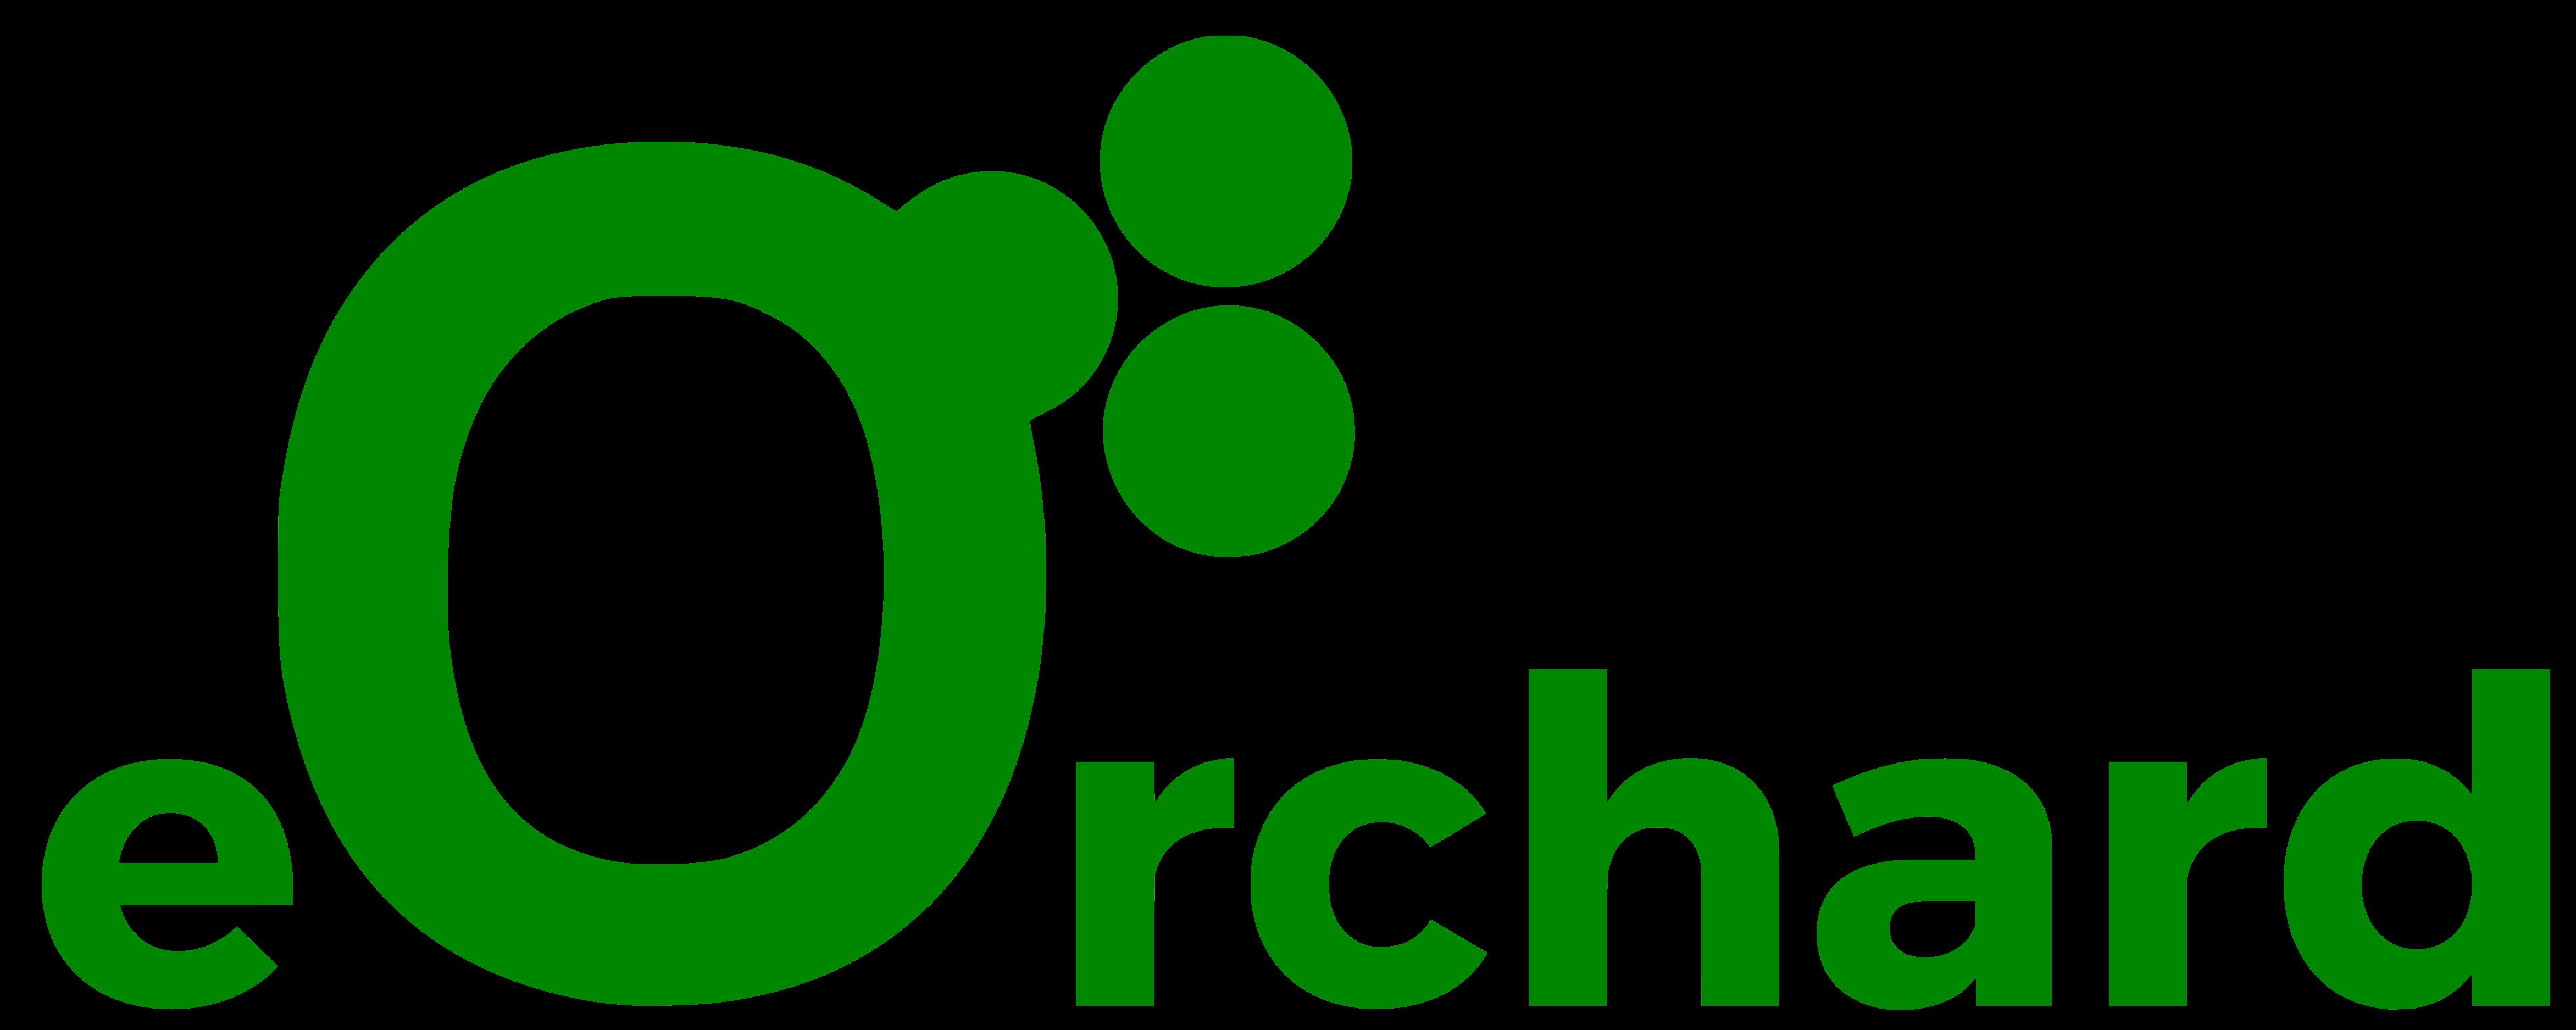 EOrchard